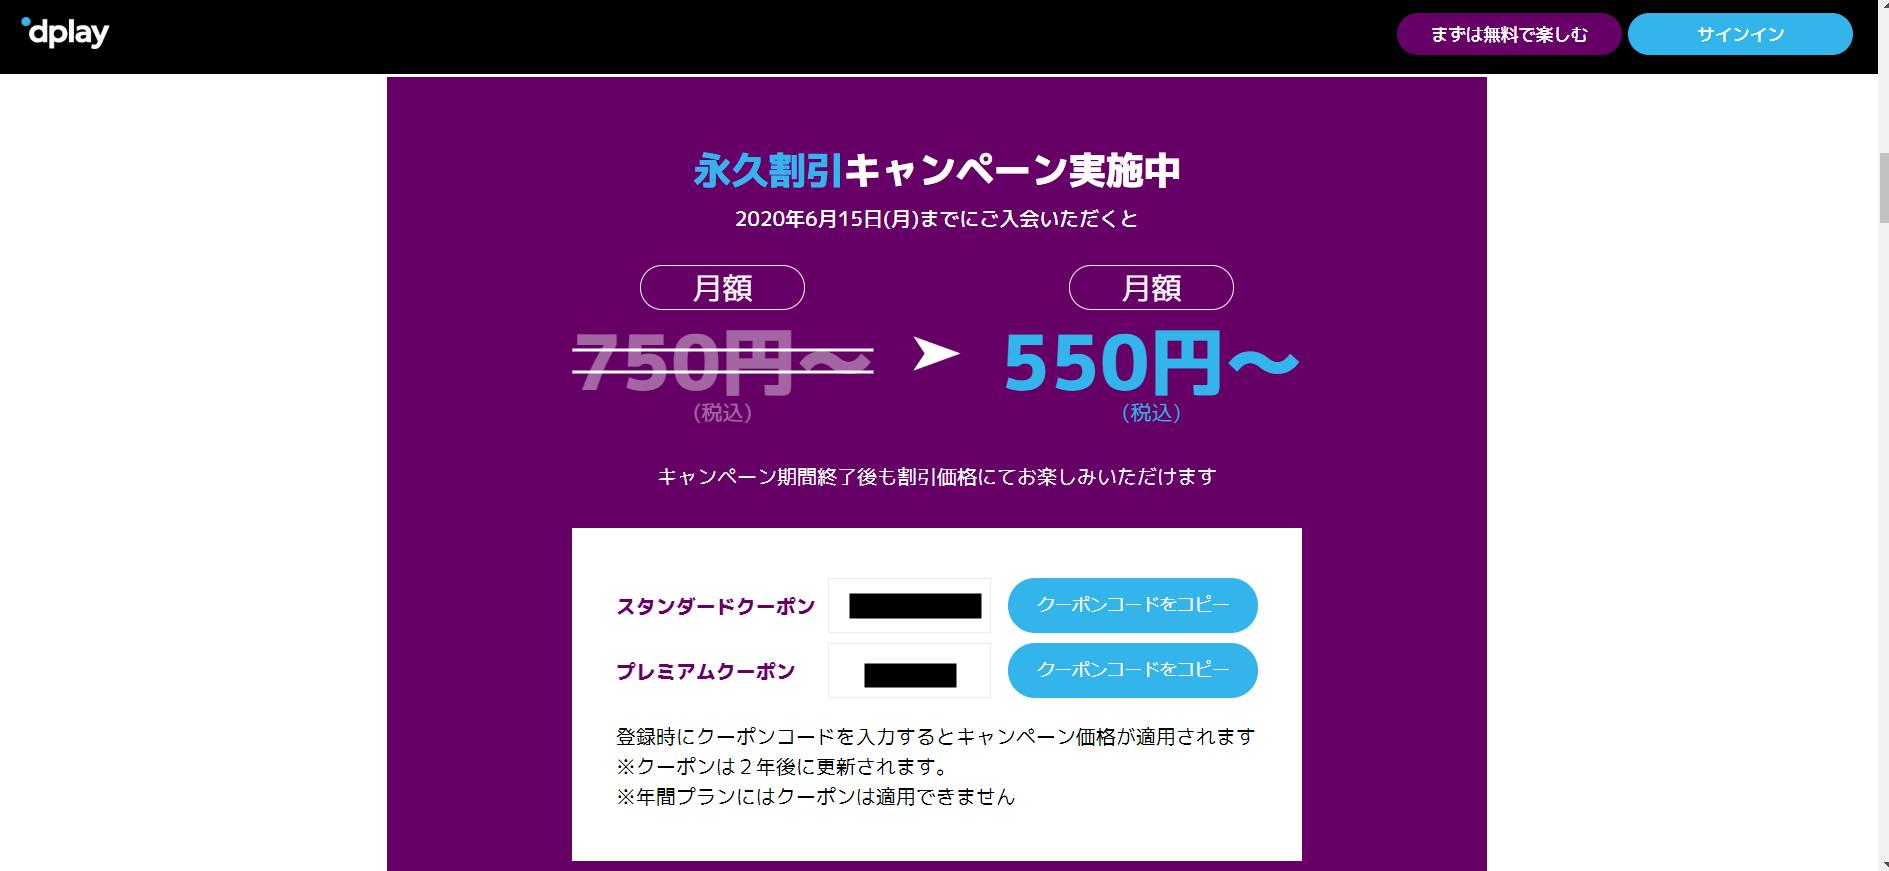 131 1 - ディスカバリーチャンネルが提供する新しい動画配信サービス【Dplay】に有料登録してみました!